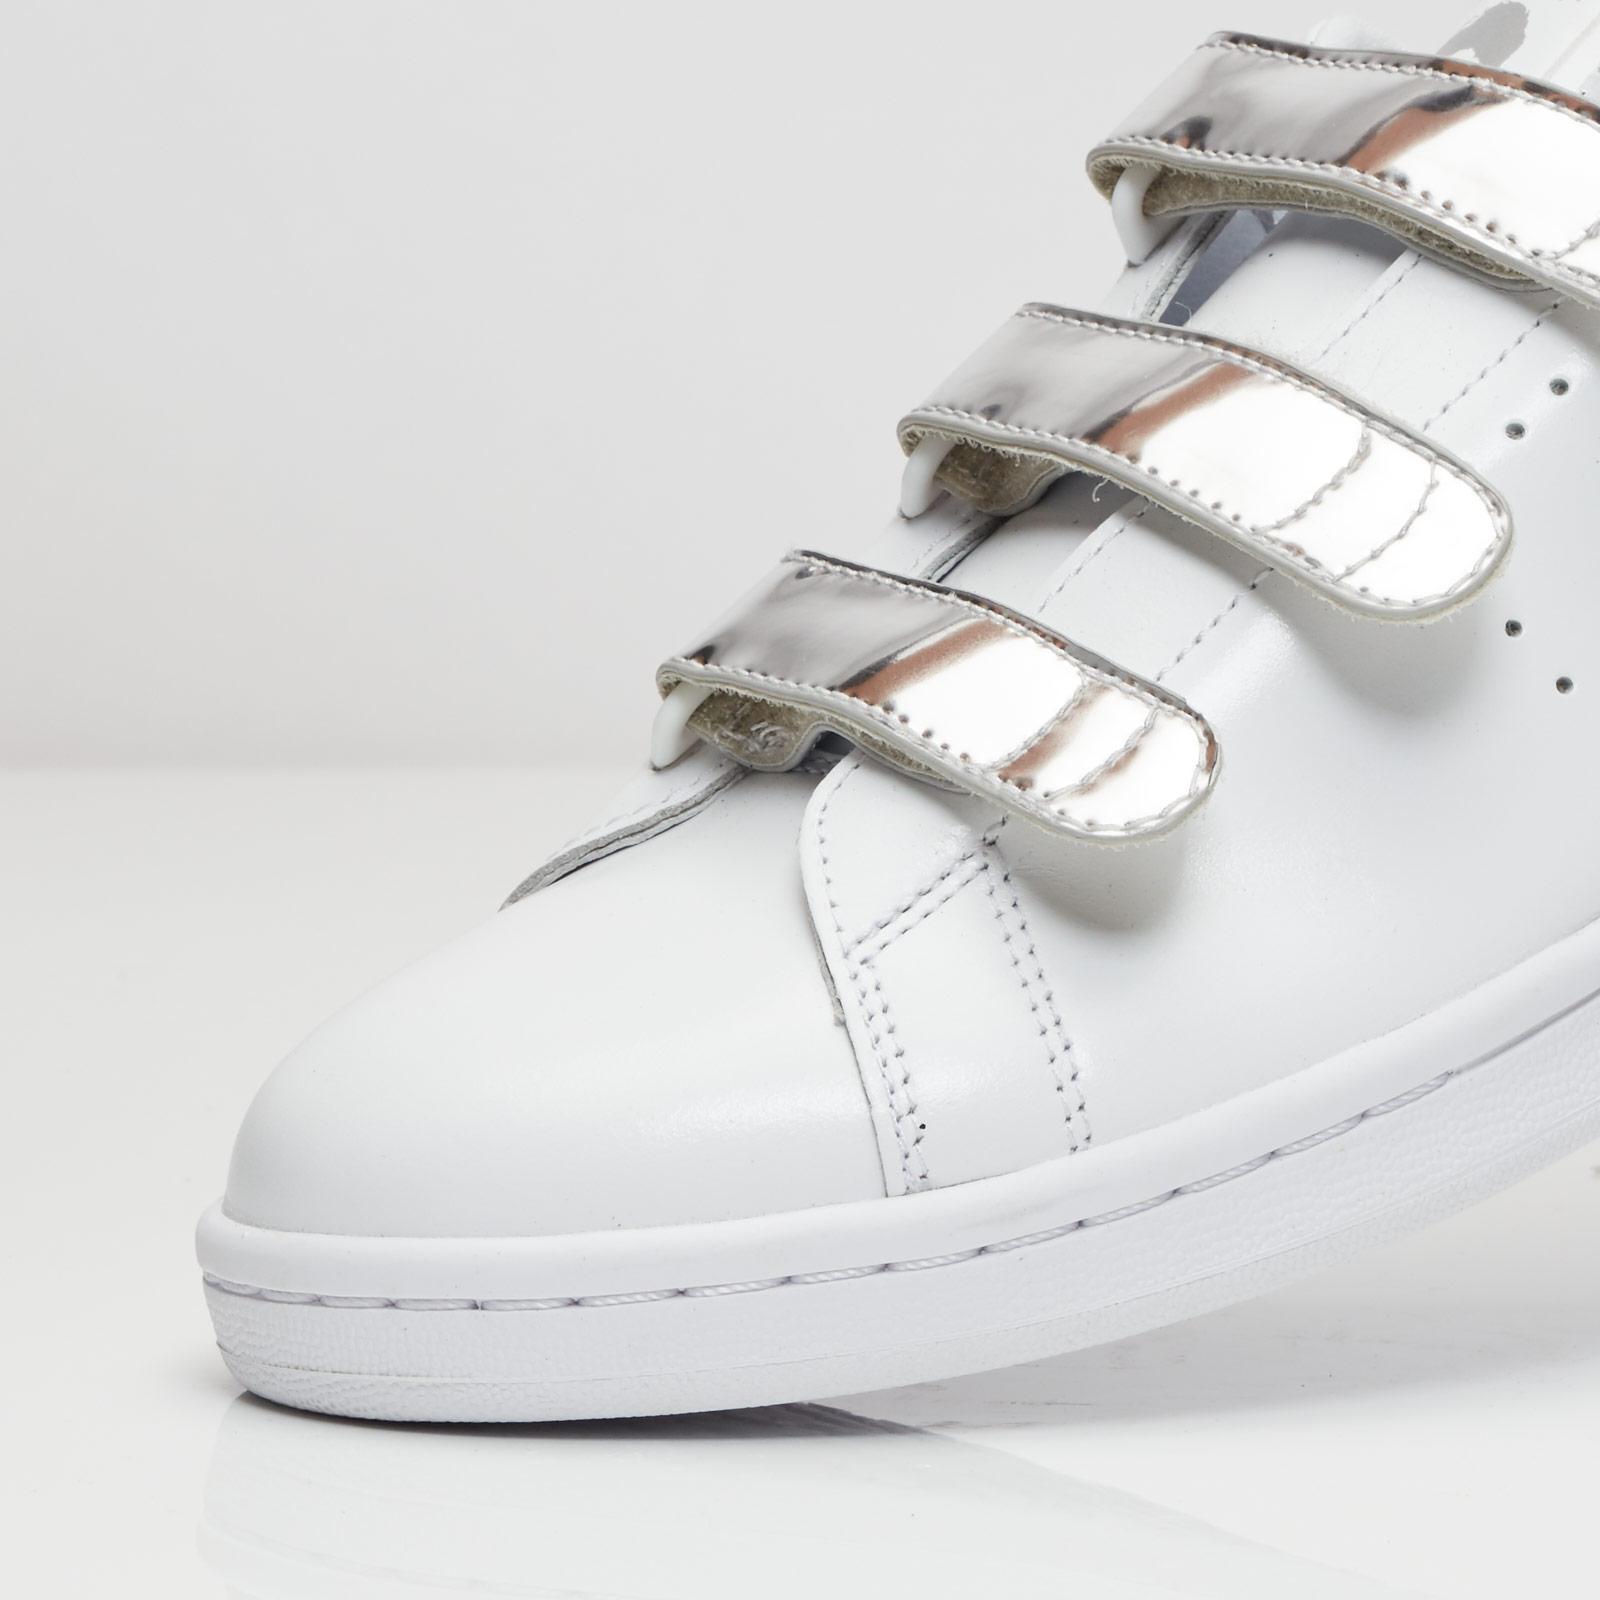 adidas Raf Simons Stan Smith Comfort Bb2681